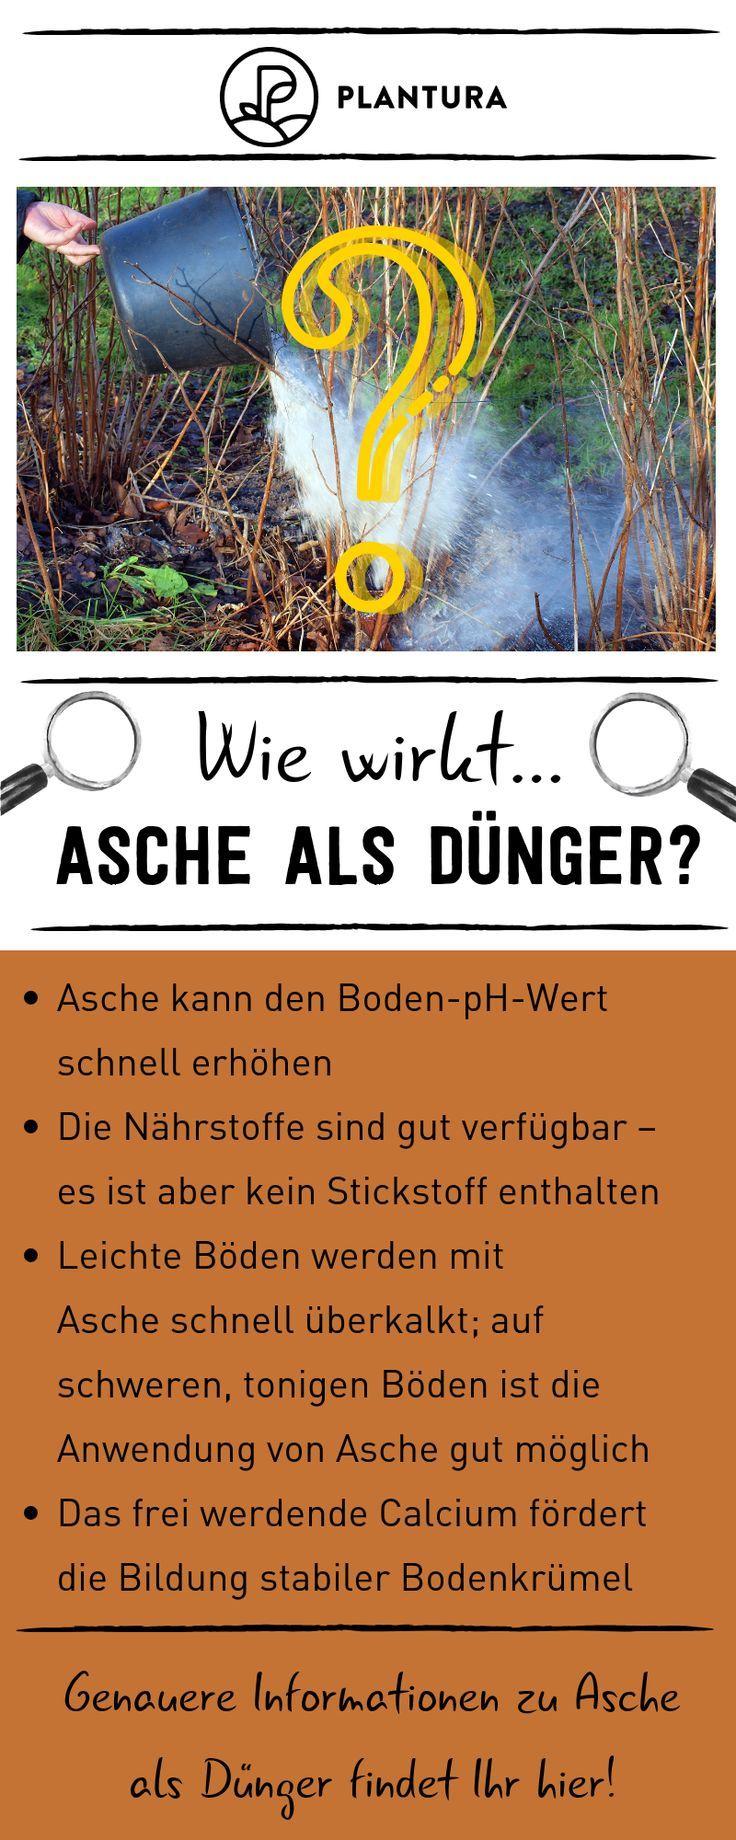 Garten Gardening Duenger Aschealsduenger Wie Wirkt Asche Wie Wirkt Asche Als Dunger Wir Erklaren Wie Asche Als Naturlicher Dunger Wirkt Und Wie M